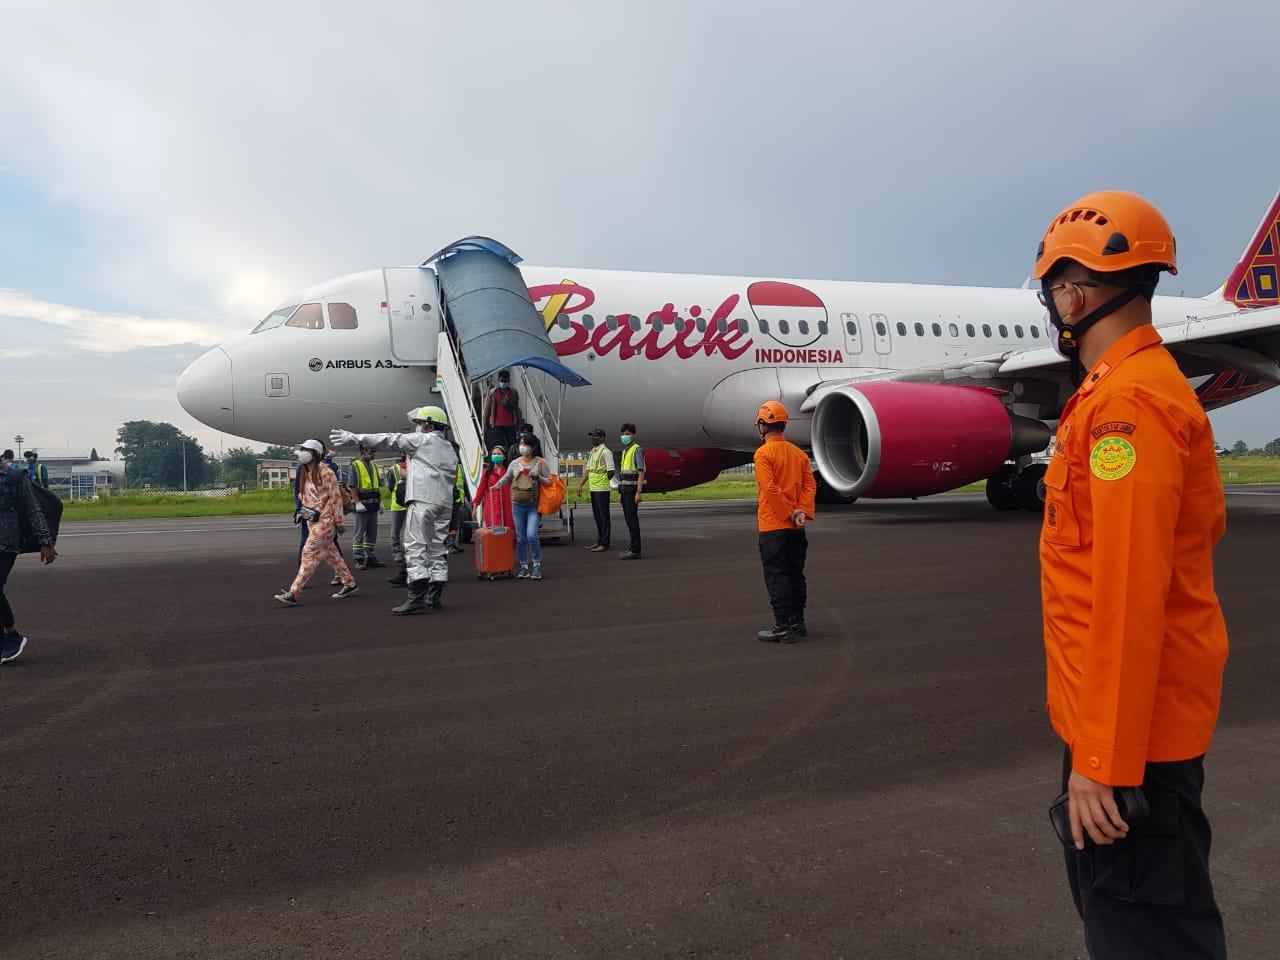 https: img.okezone.com content 2021 03 06 340 2373526 20-menit-mengudara-pesawat-batik-air-tujuan-jakarta-kembali-mendarat-darurat-di-bandara-jambi-WXmmCZONYB.jpg